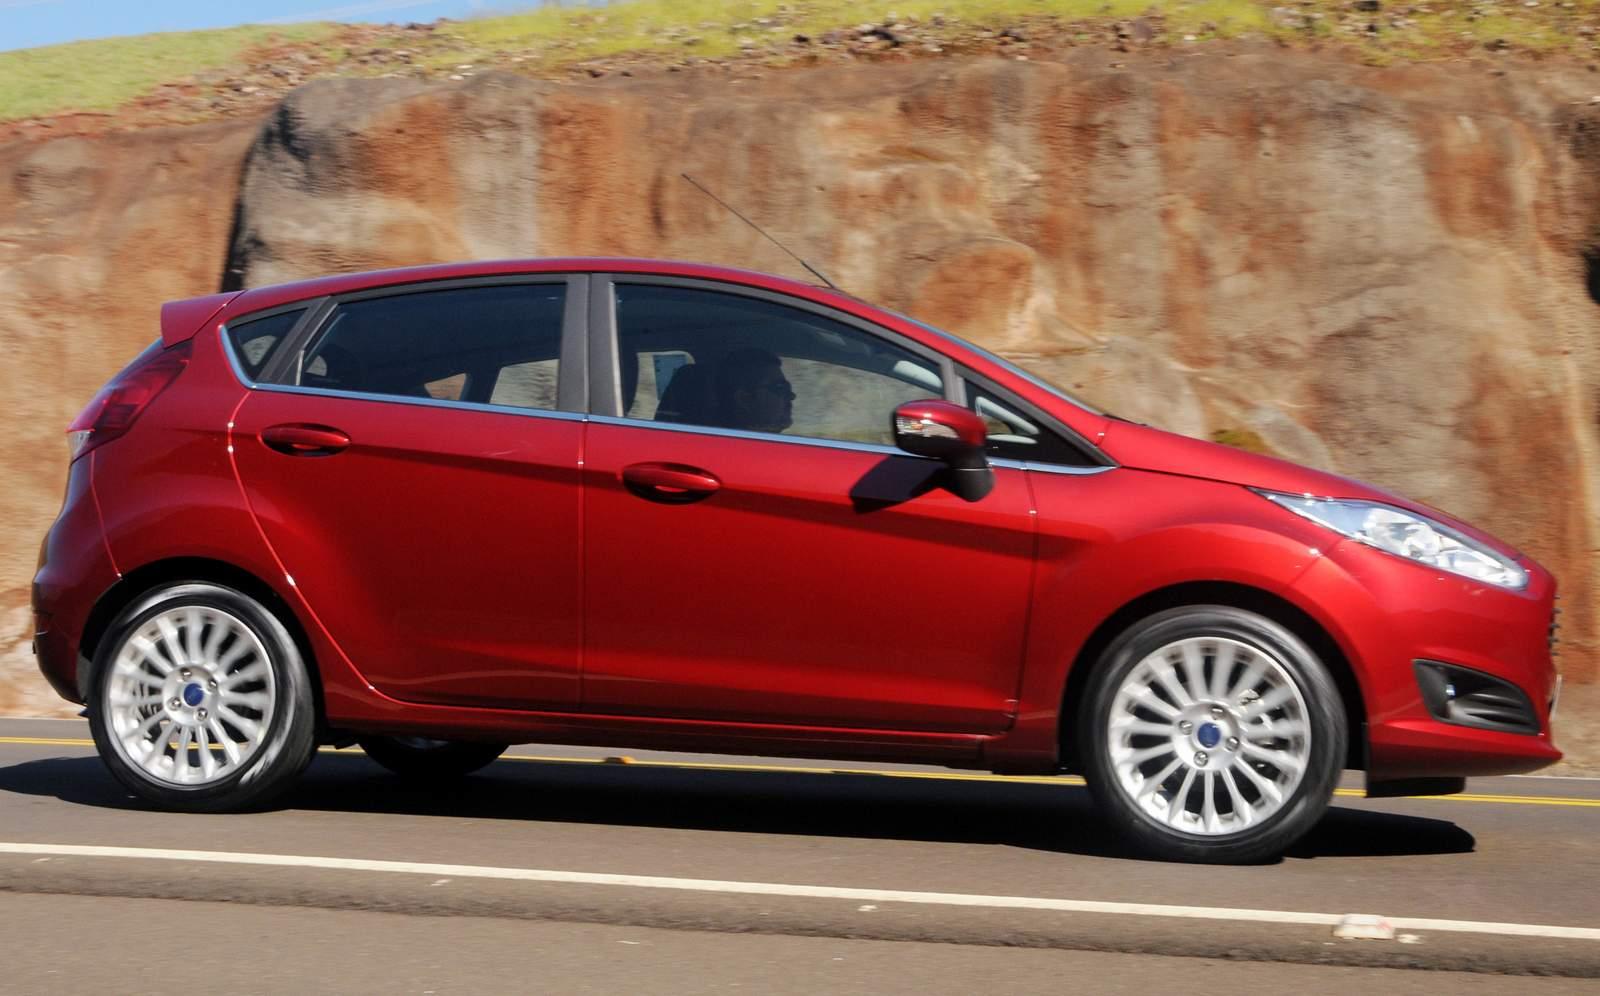 Carros Ford Fiesta 2015 Ford Fiesta Hatch 2015